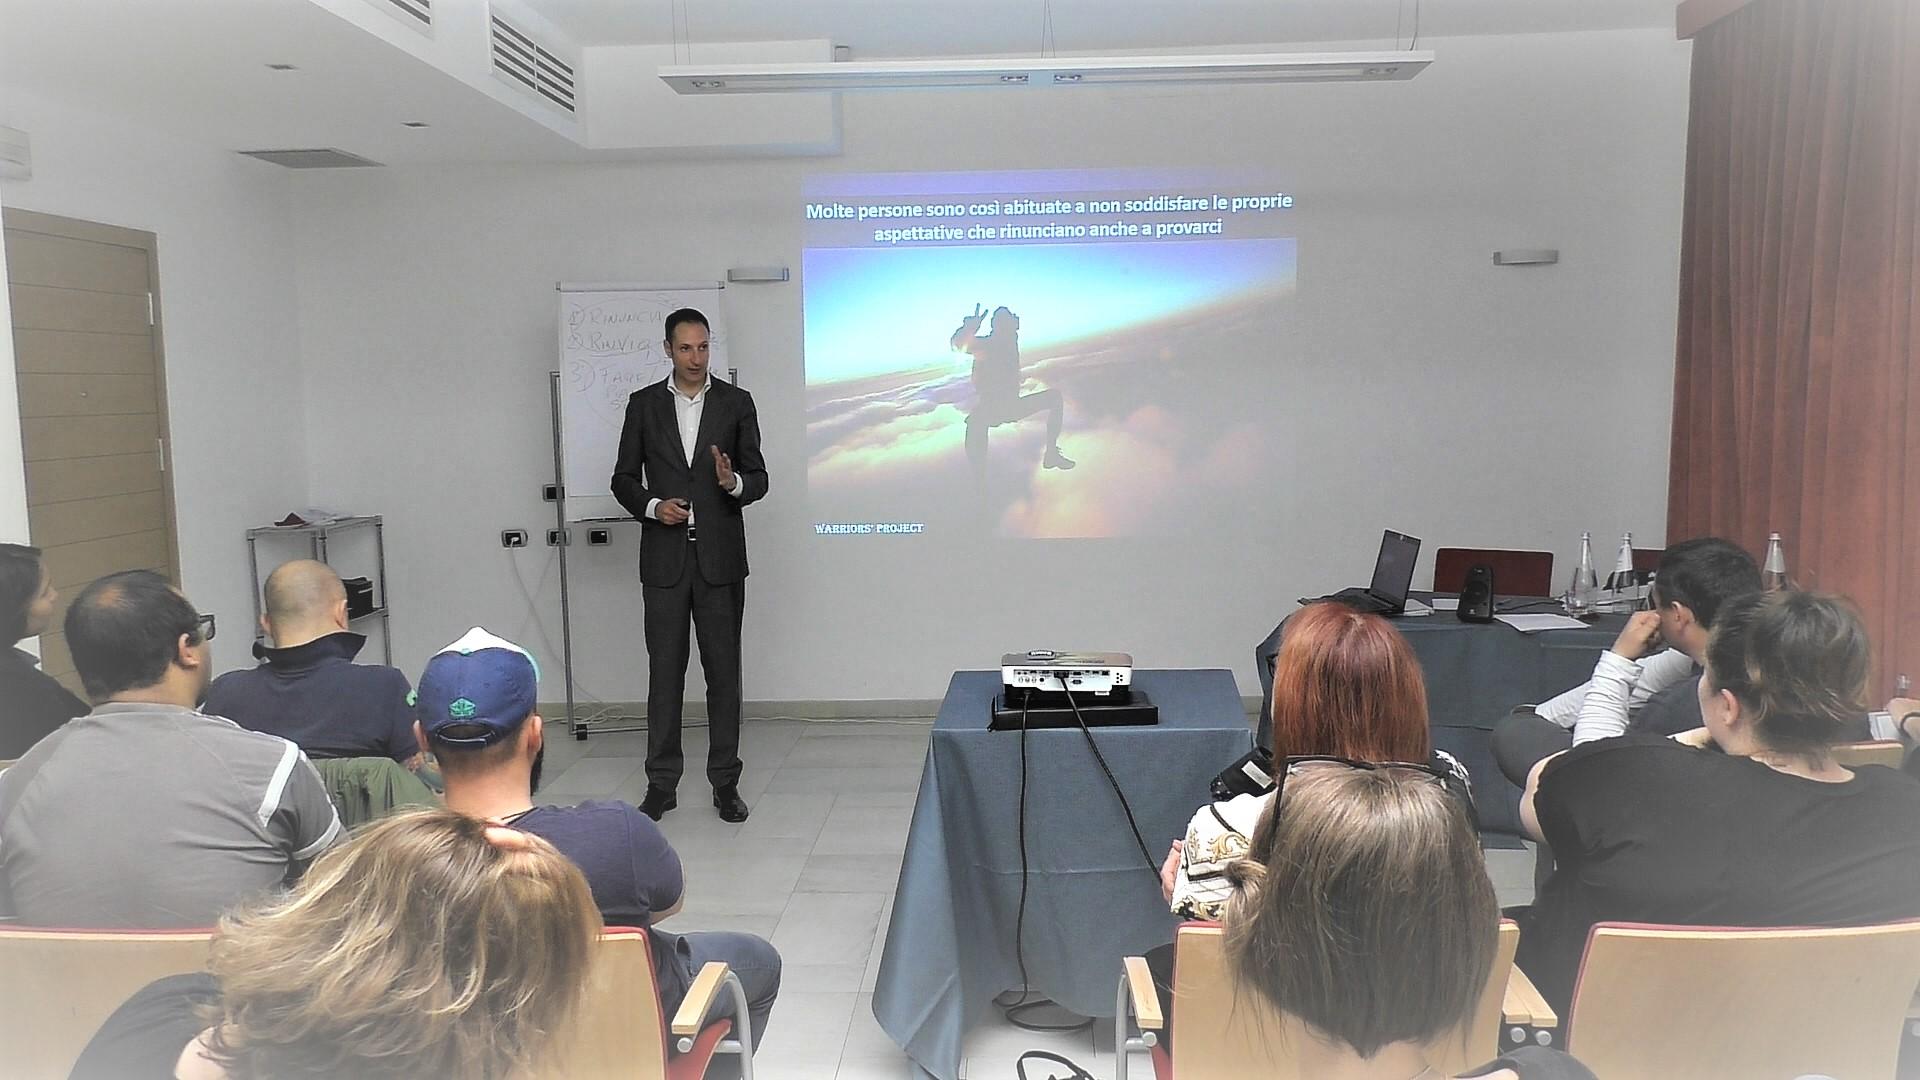 corso-di-formazione-warriors-project-reggio-emilia-crescita-personale-leadership-comunicazione-vincenzo-cento-parma 4